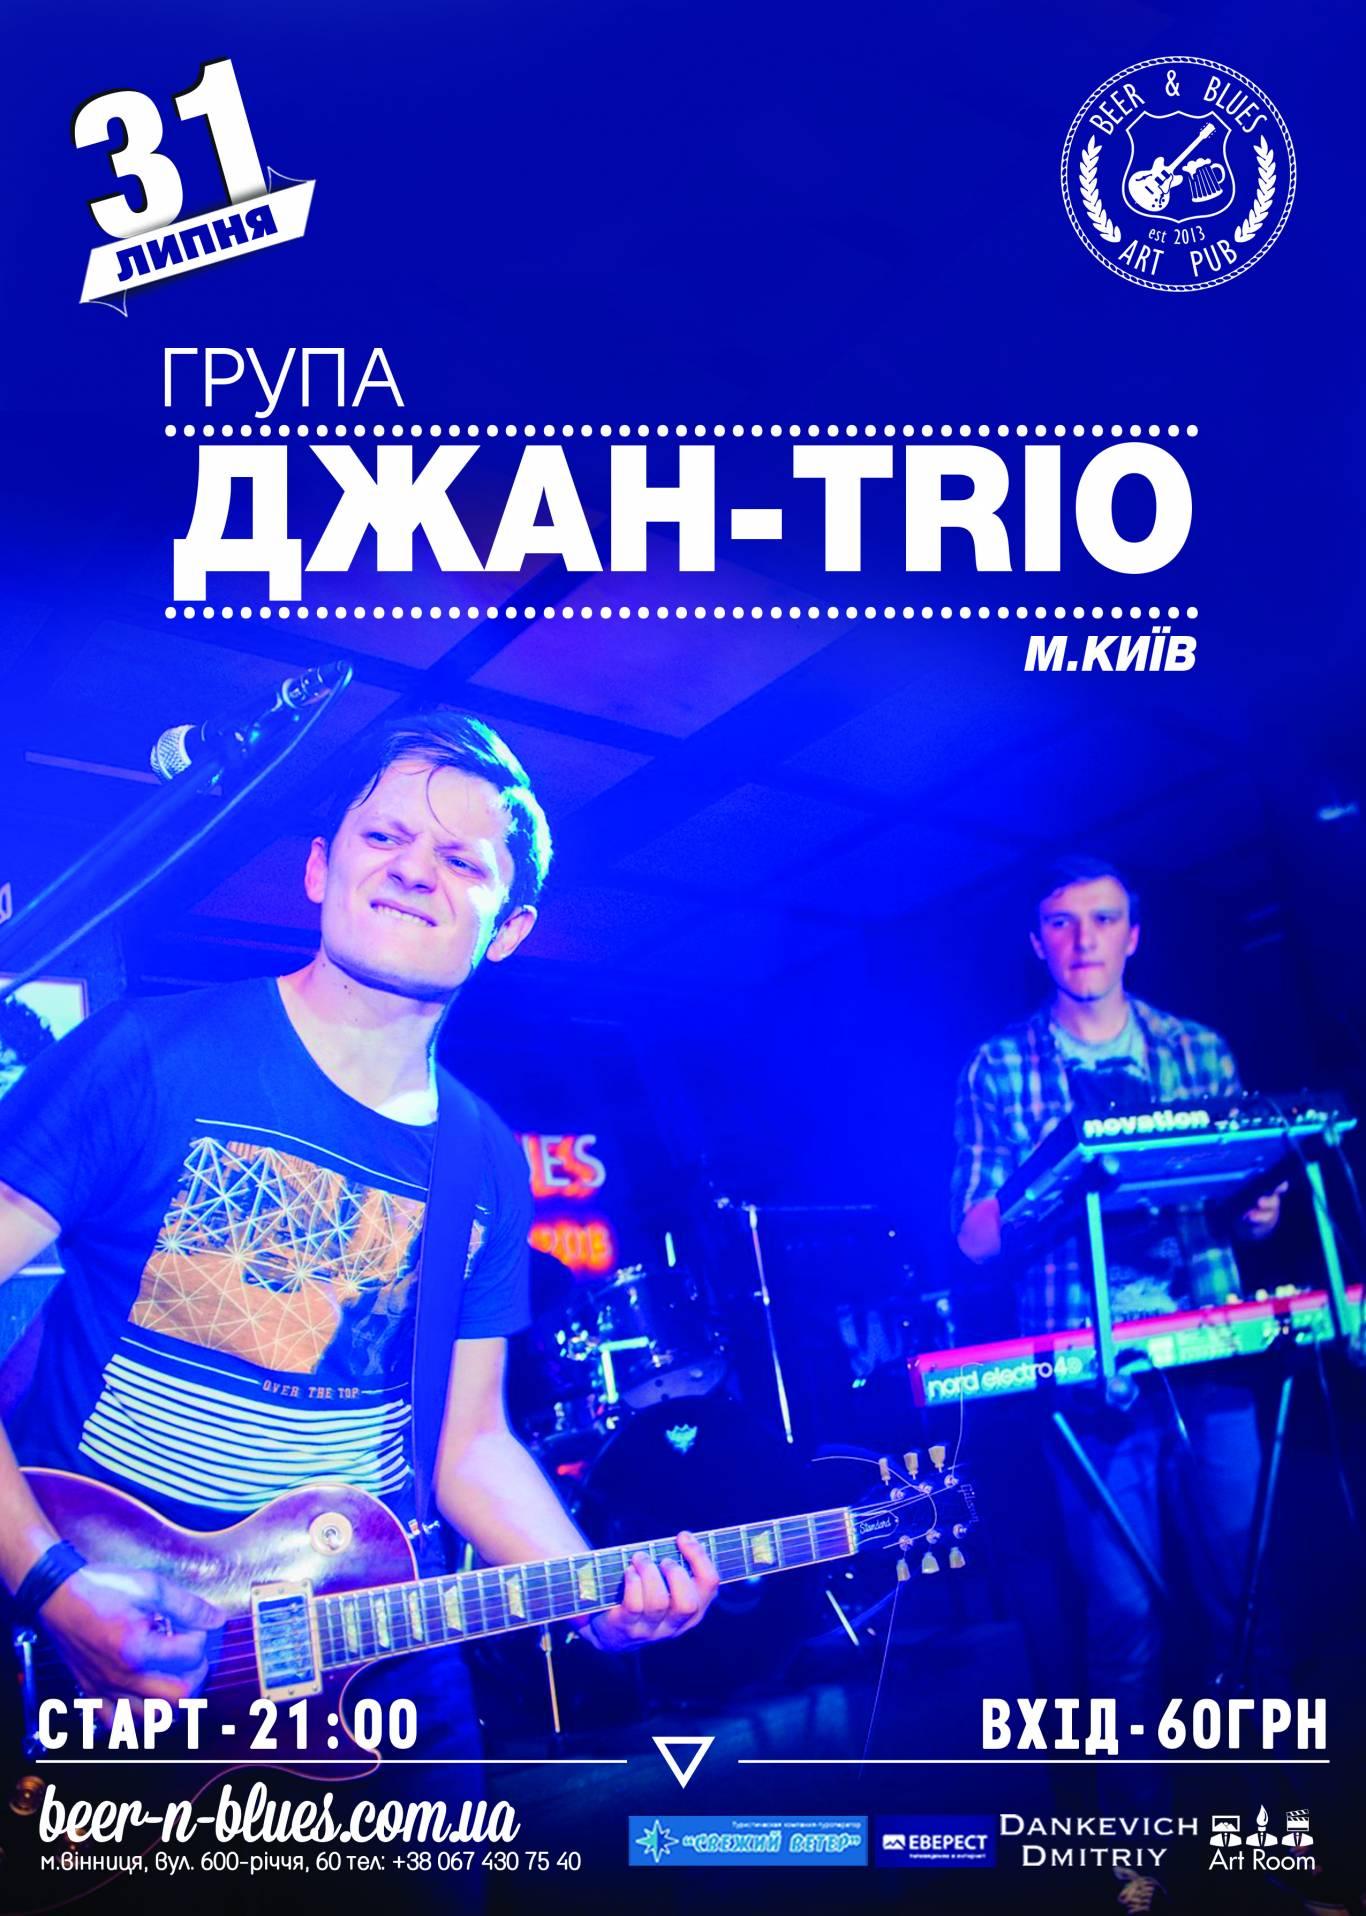 Музичний вечір разом з гуртом Джан-Trio